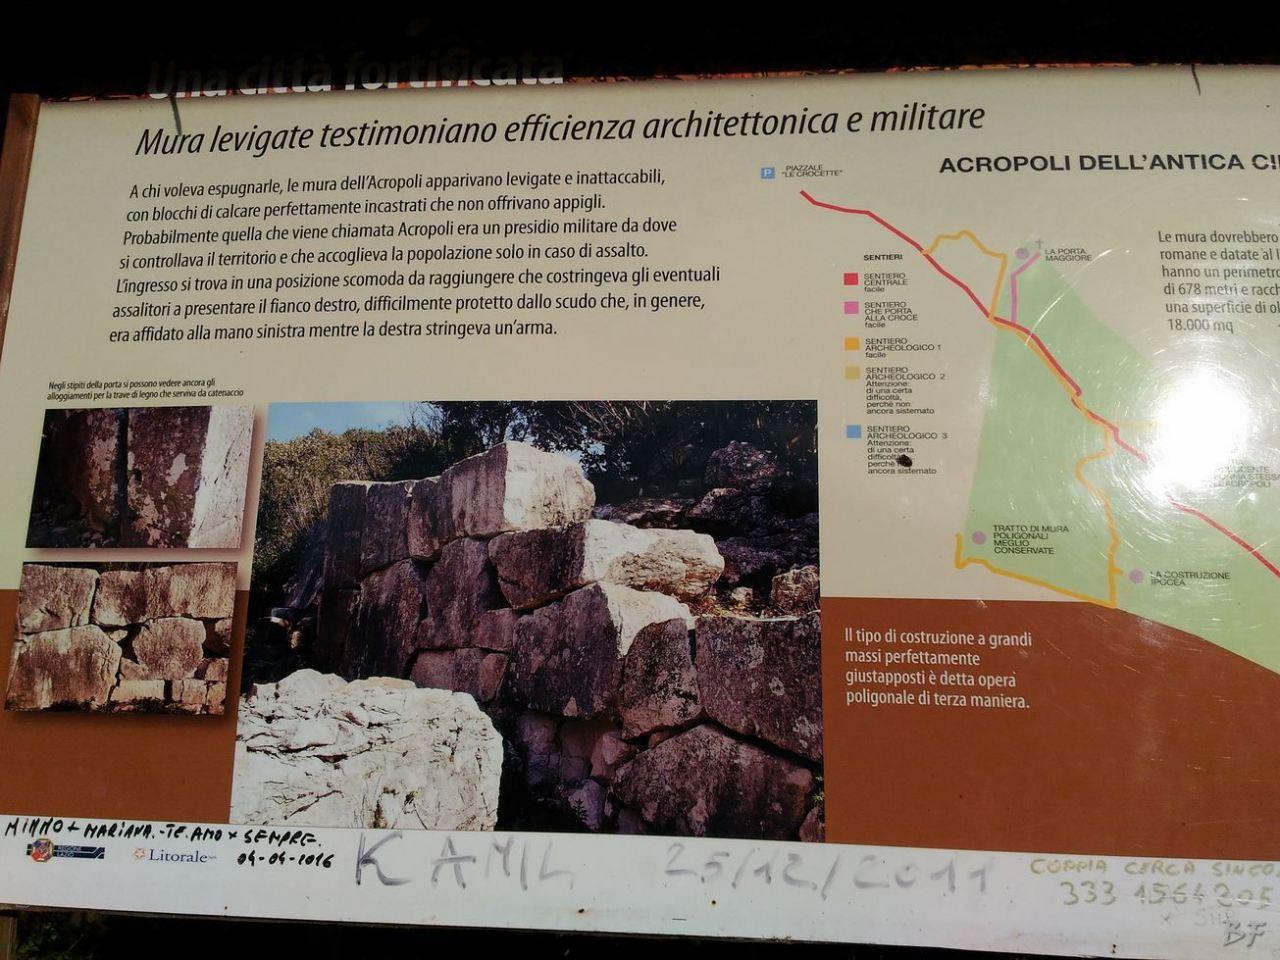 Circeii-Mura-Megalitiche-Poligonali-Latina-Lazio-Italia-10